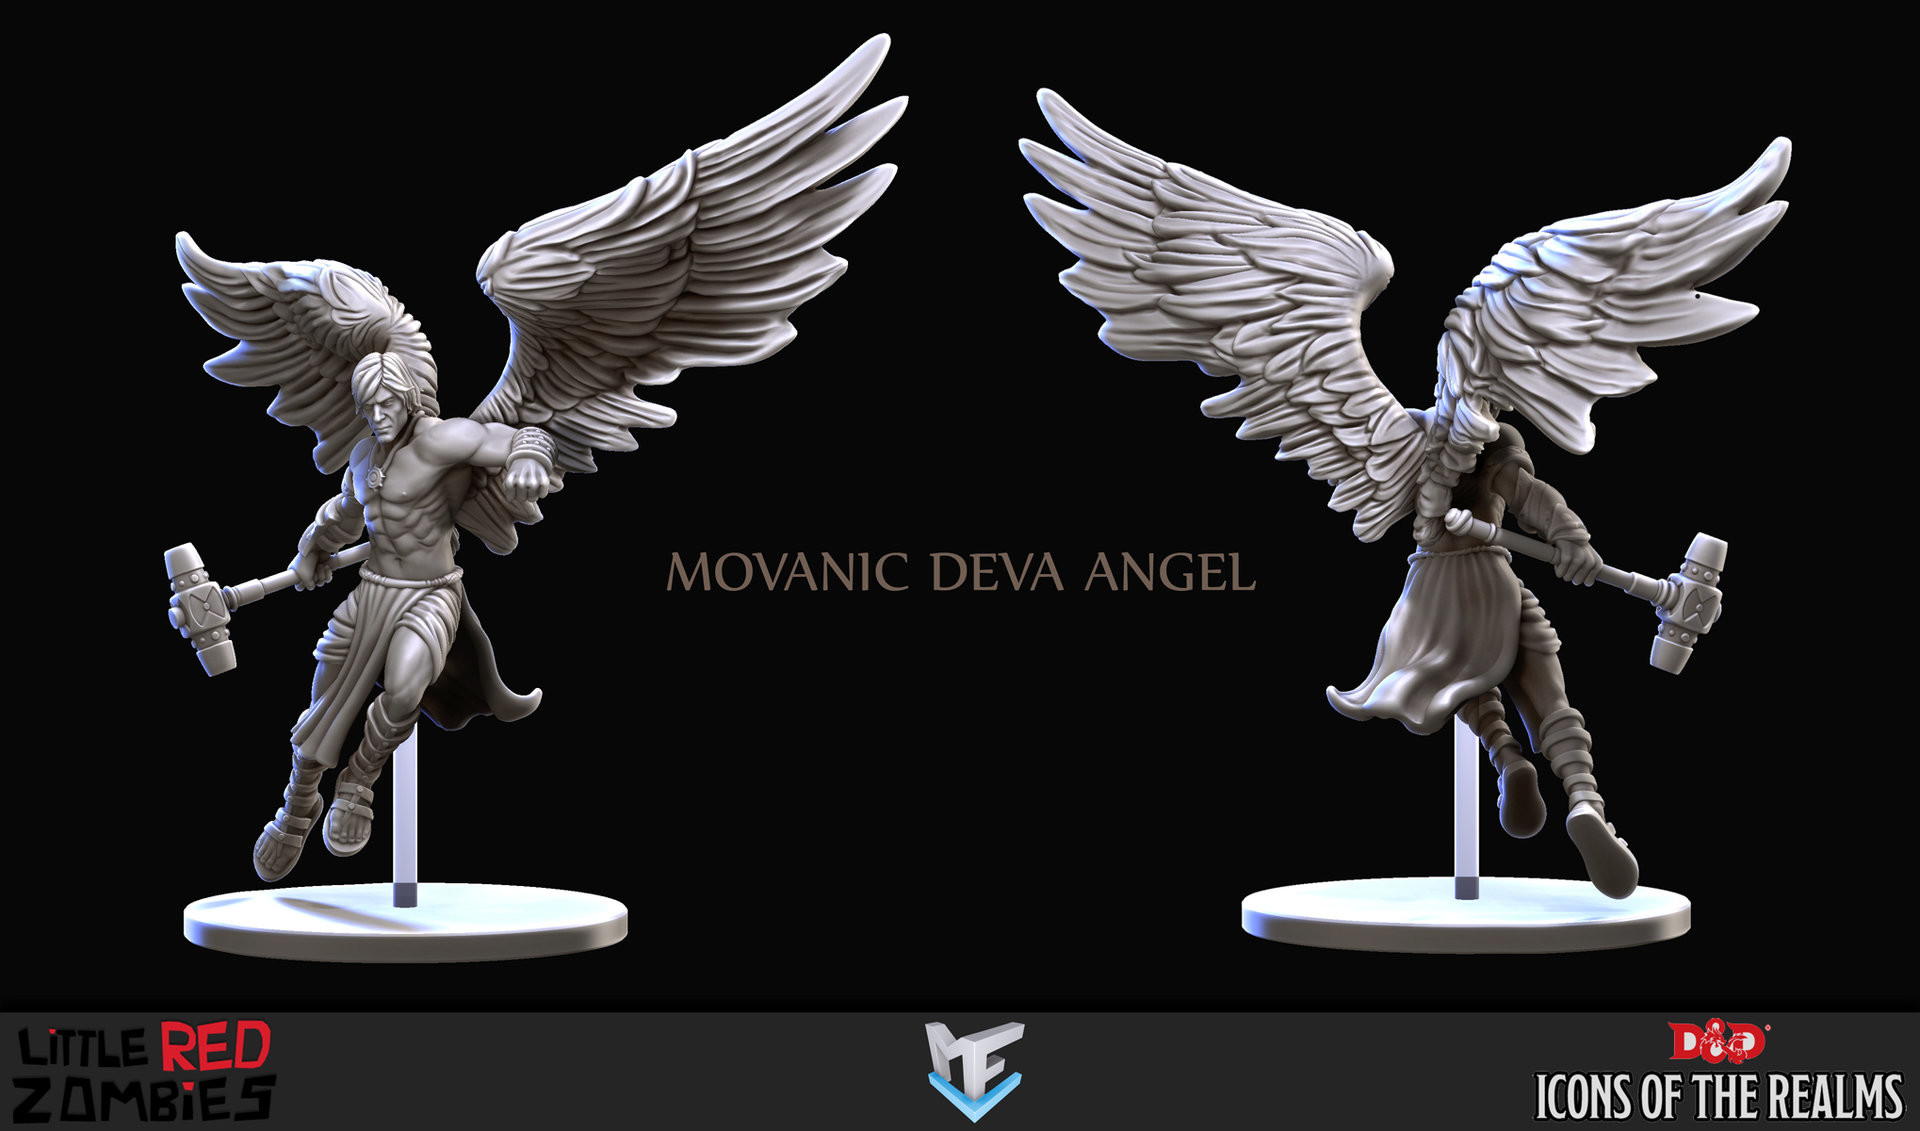 Tushank k jaiswal tushank k jaiswal dnd movanic deva angel